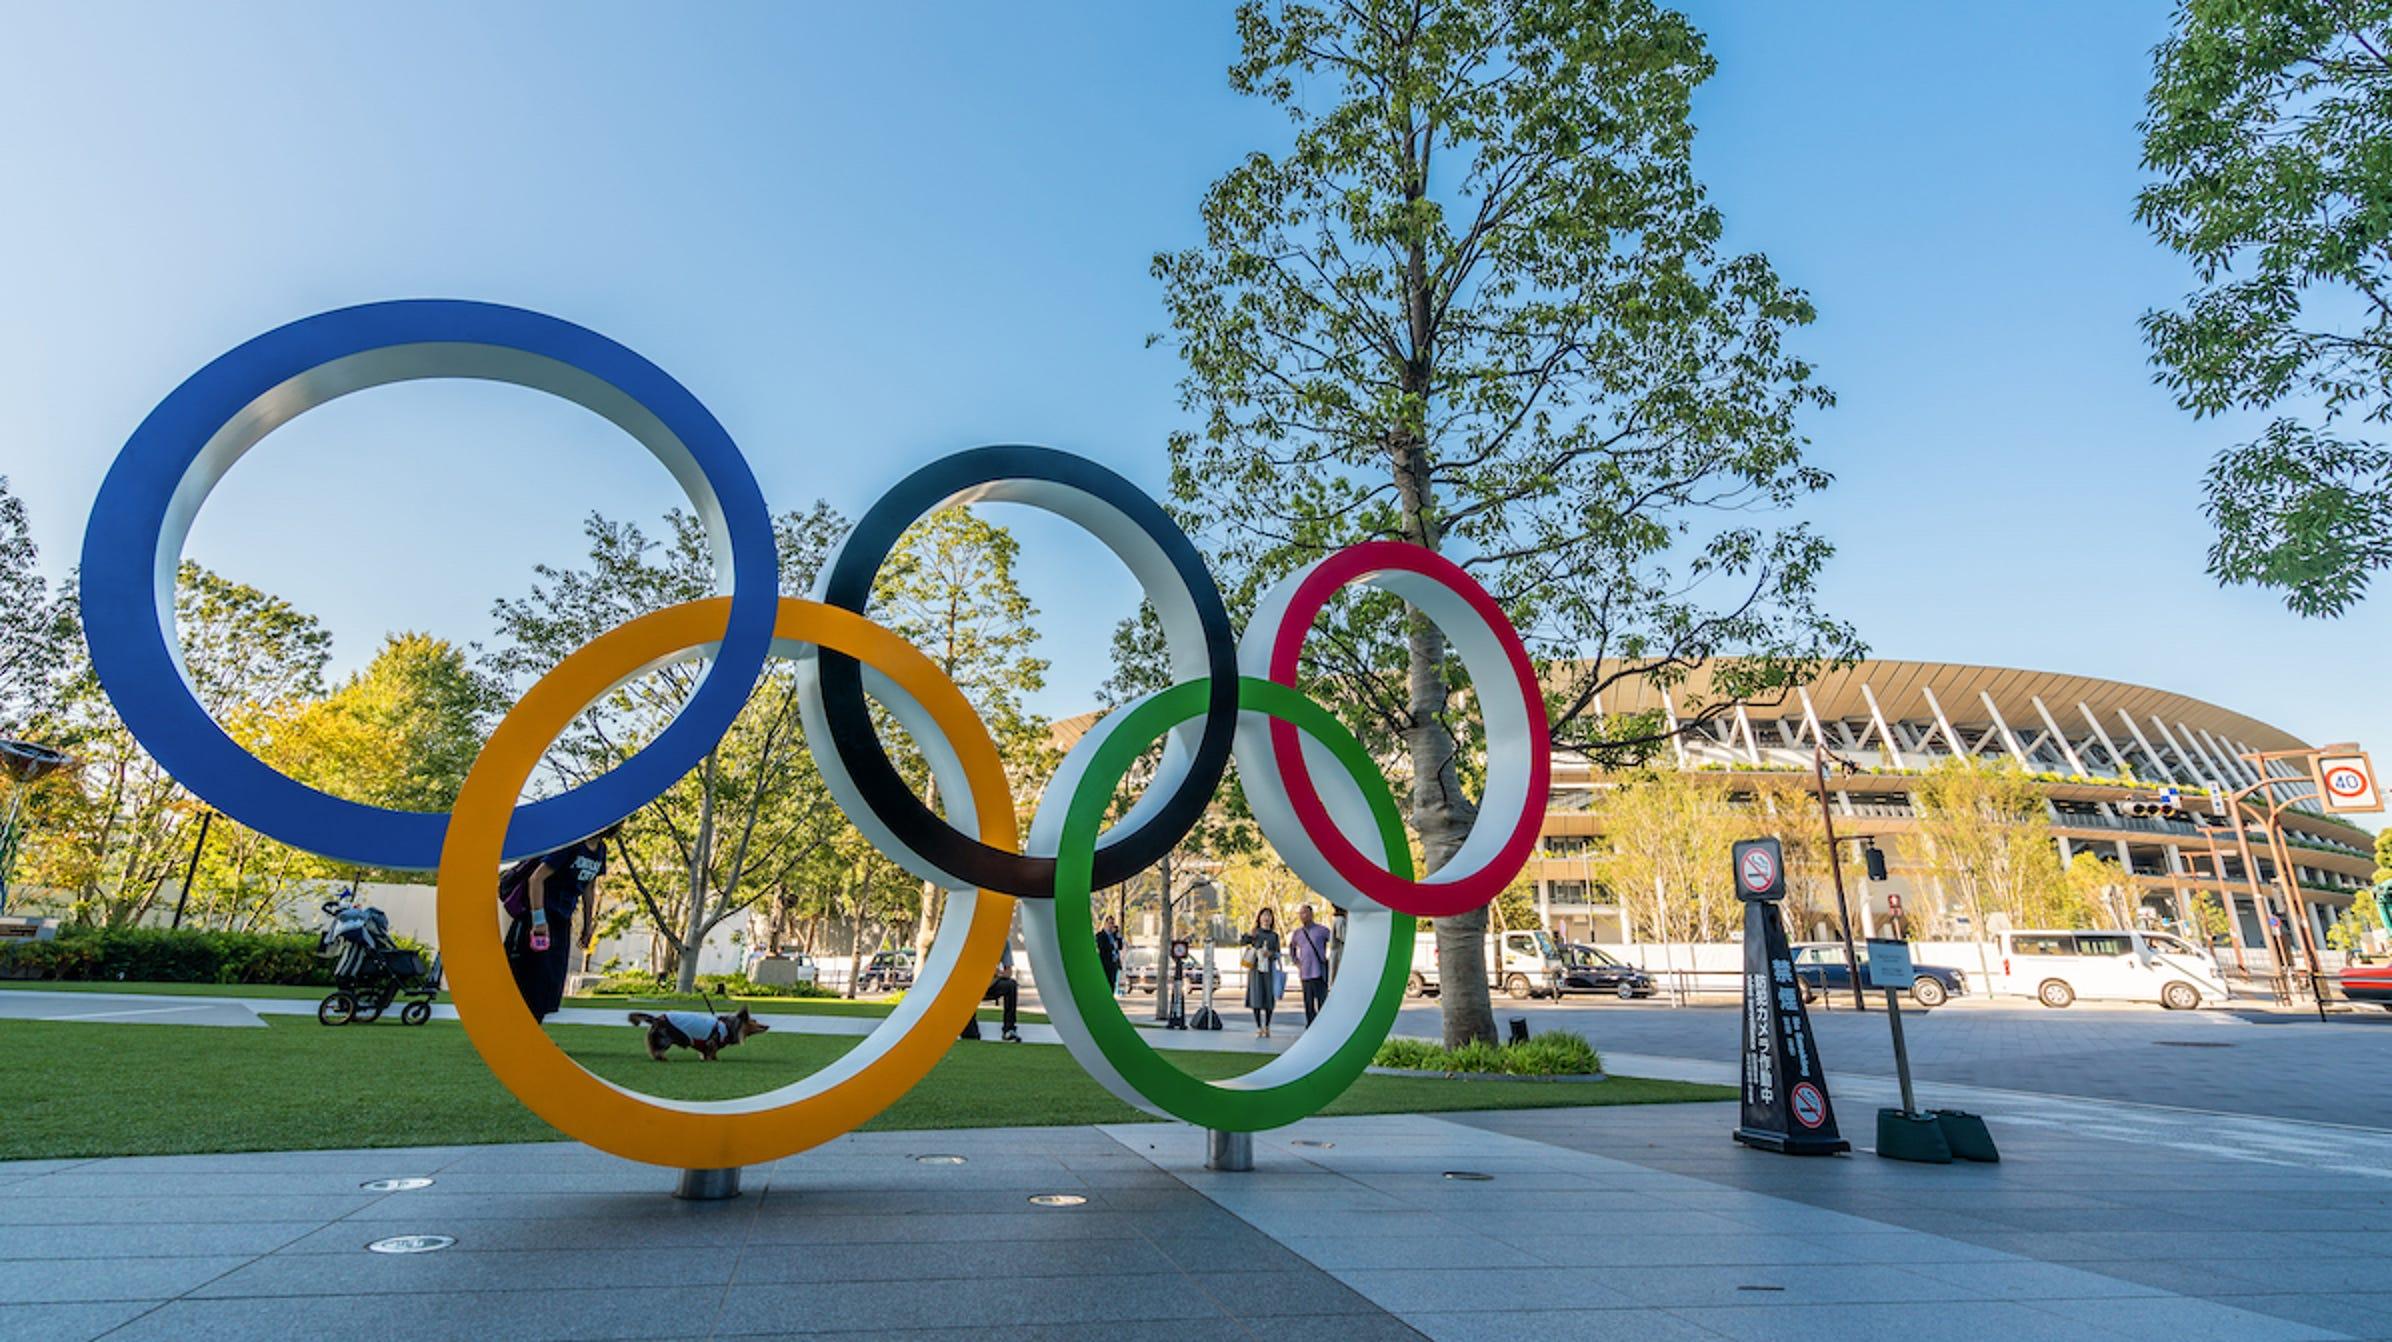 Cómo ver los Juegos Olímpicos de Tokio de verano 2020 sin cable